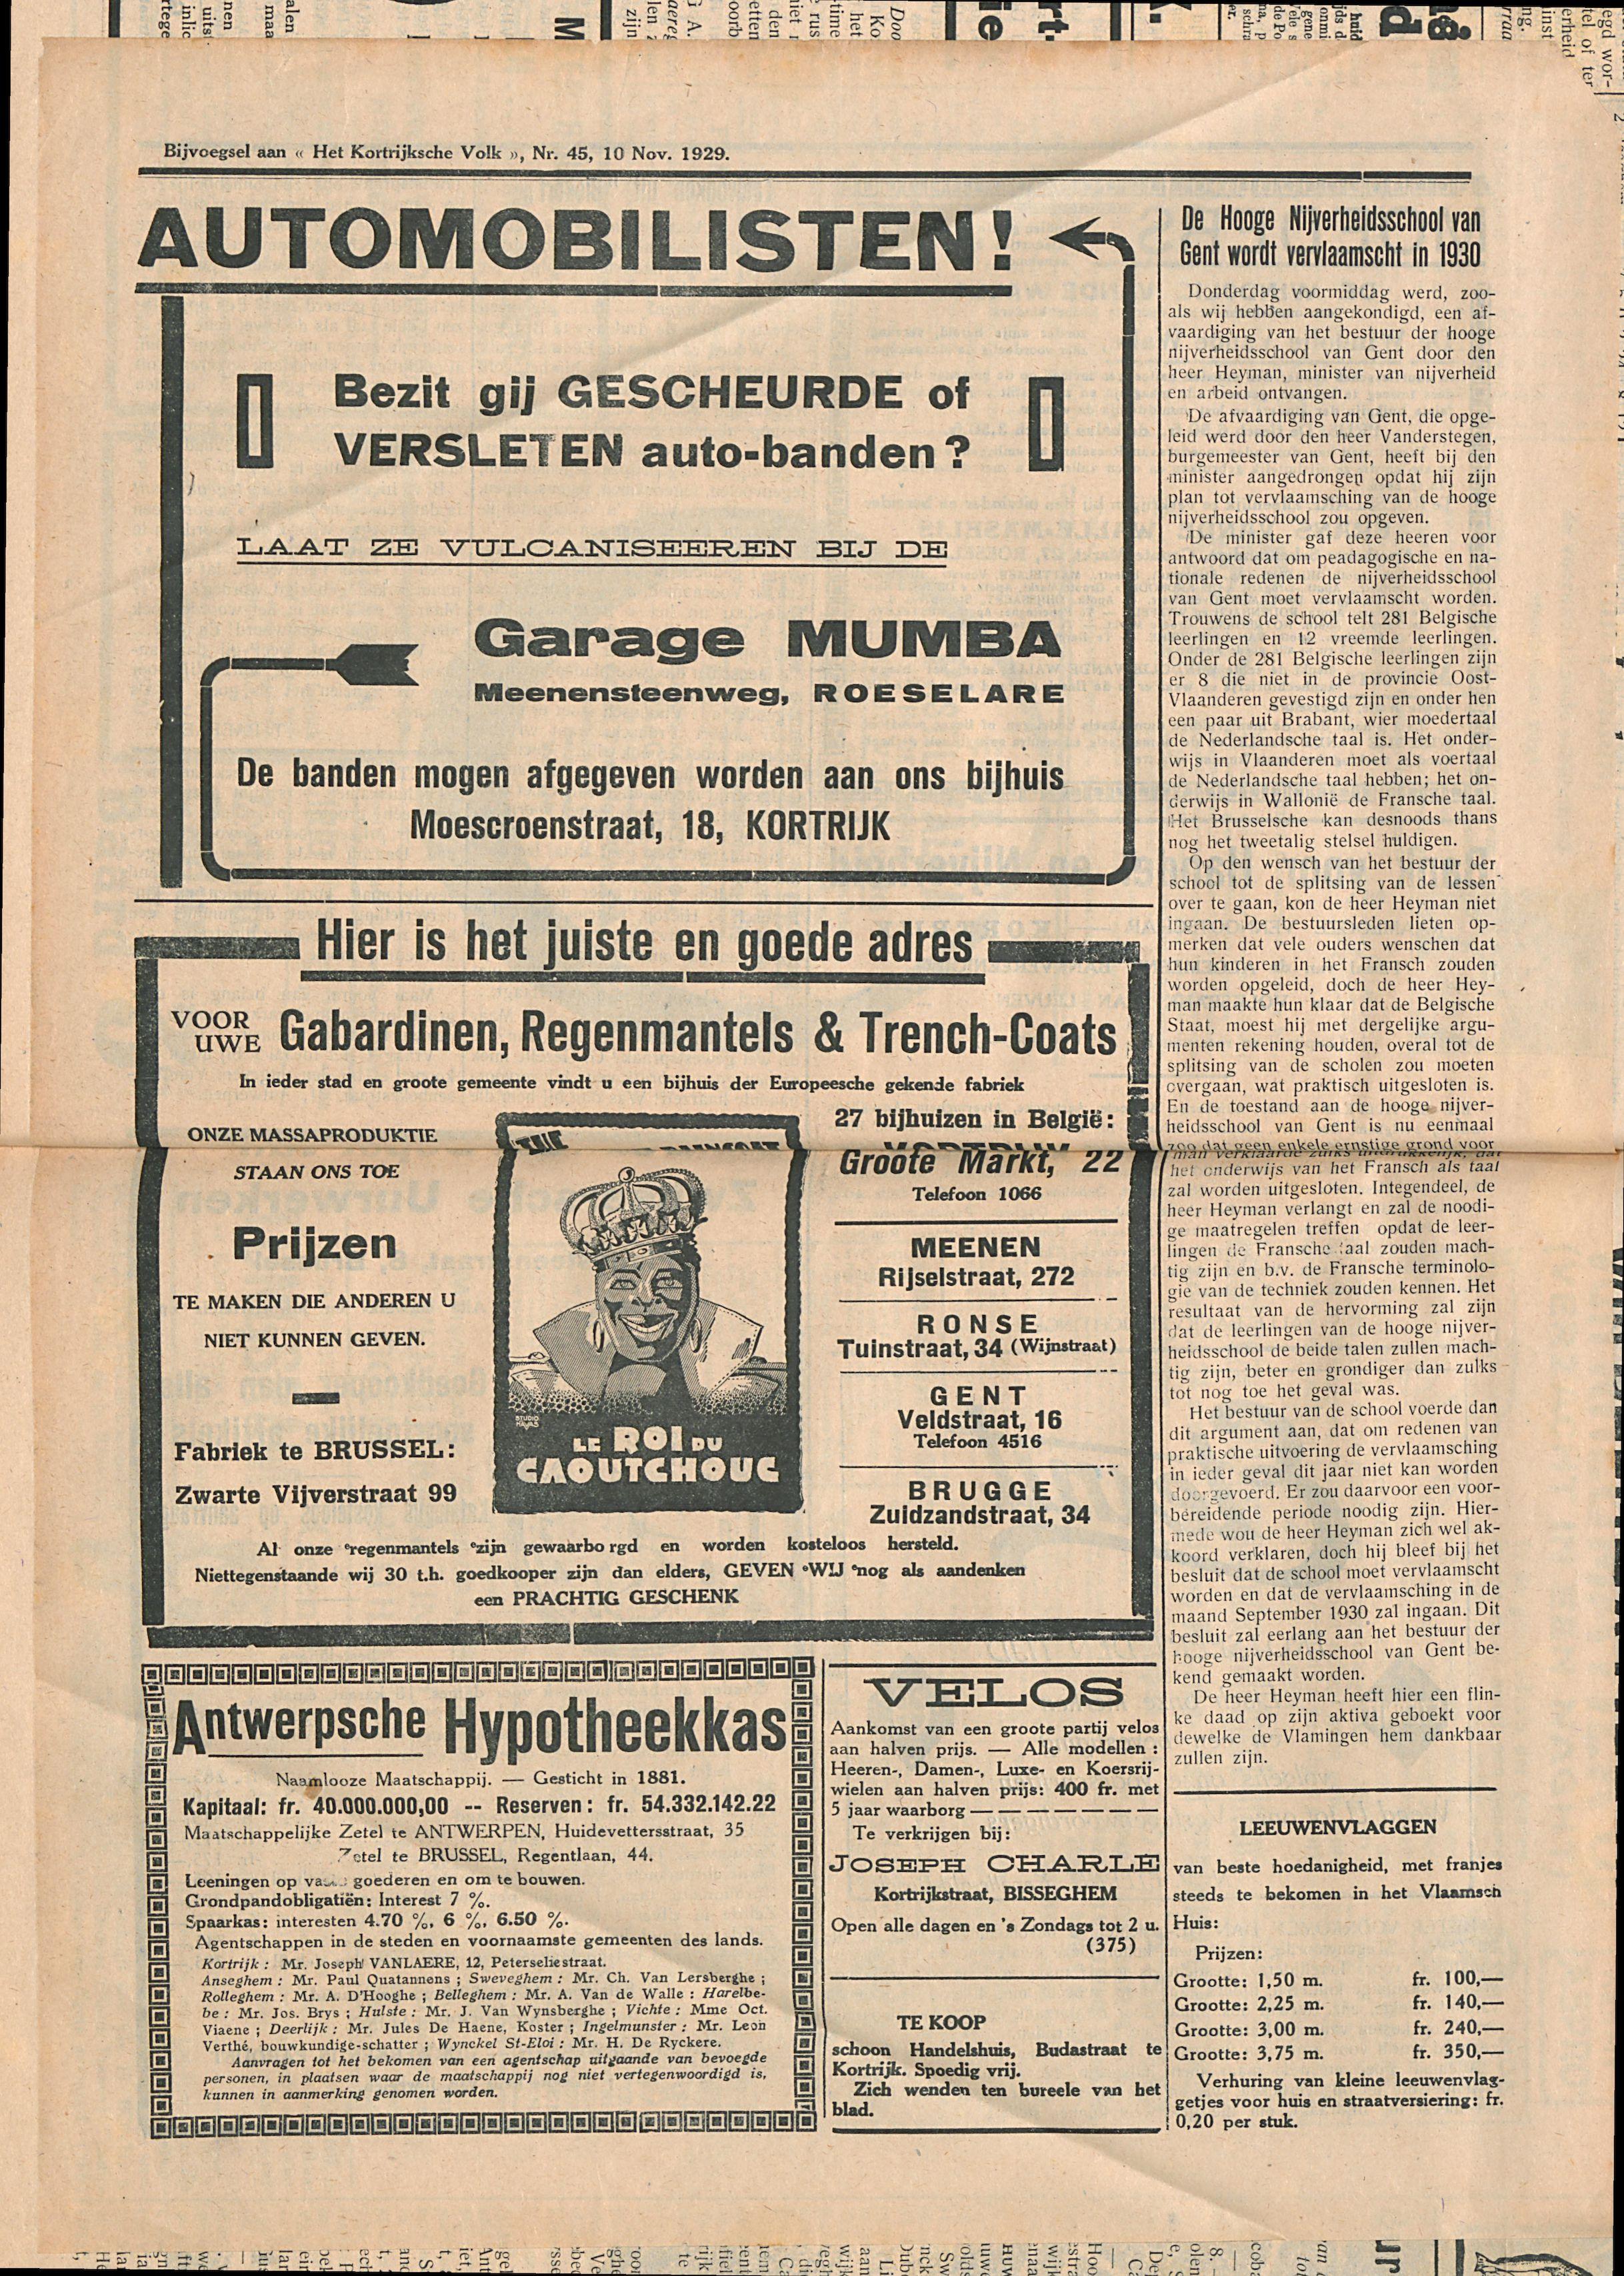 Het Kortrijksche Volk 1929-11-10 p4